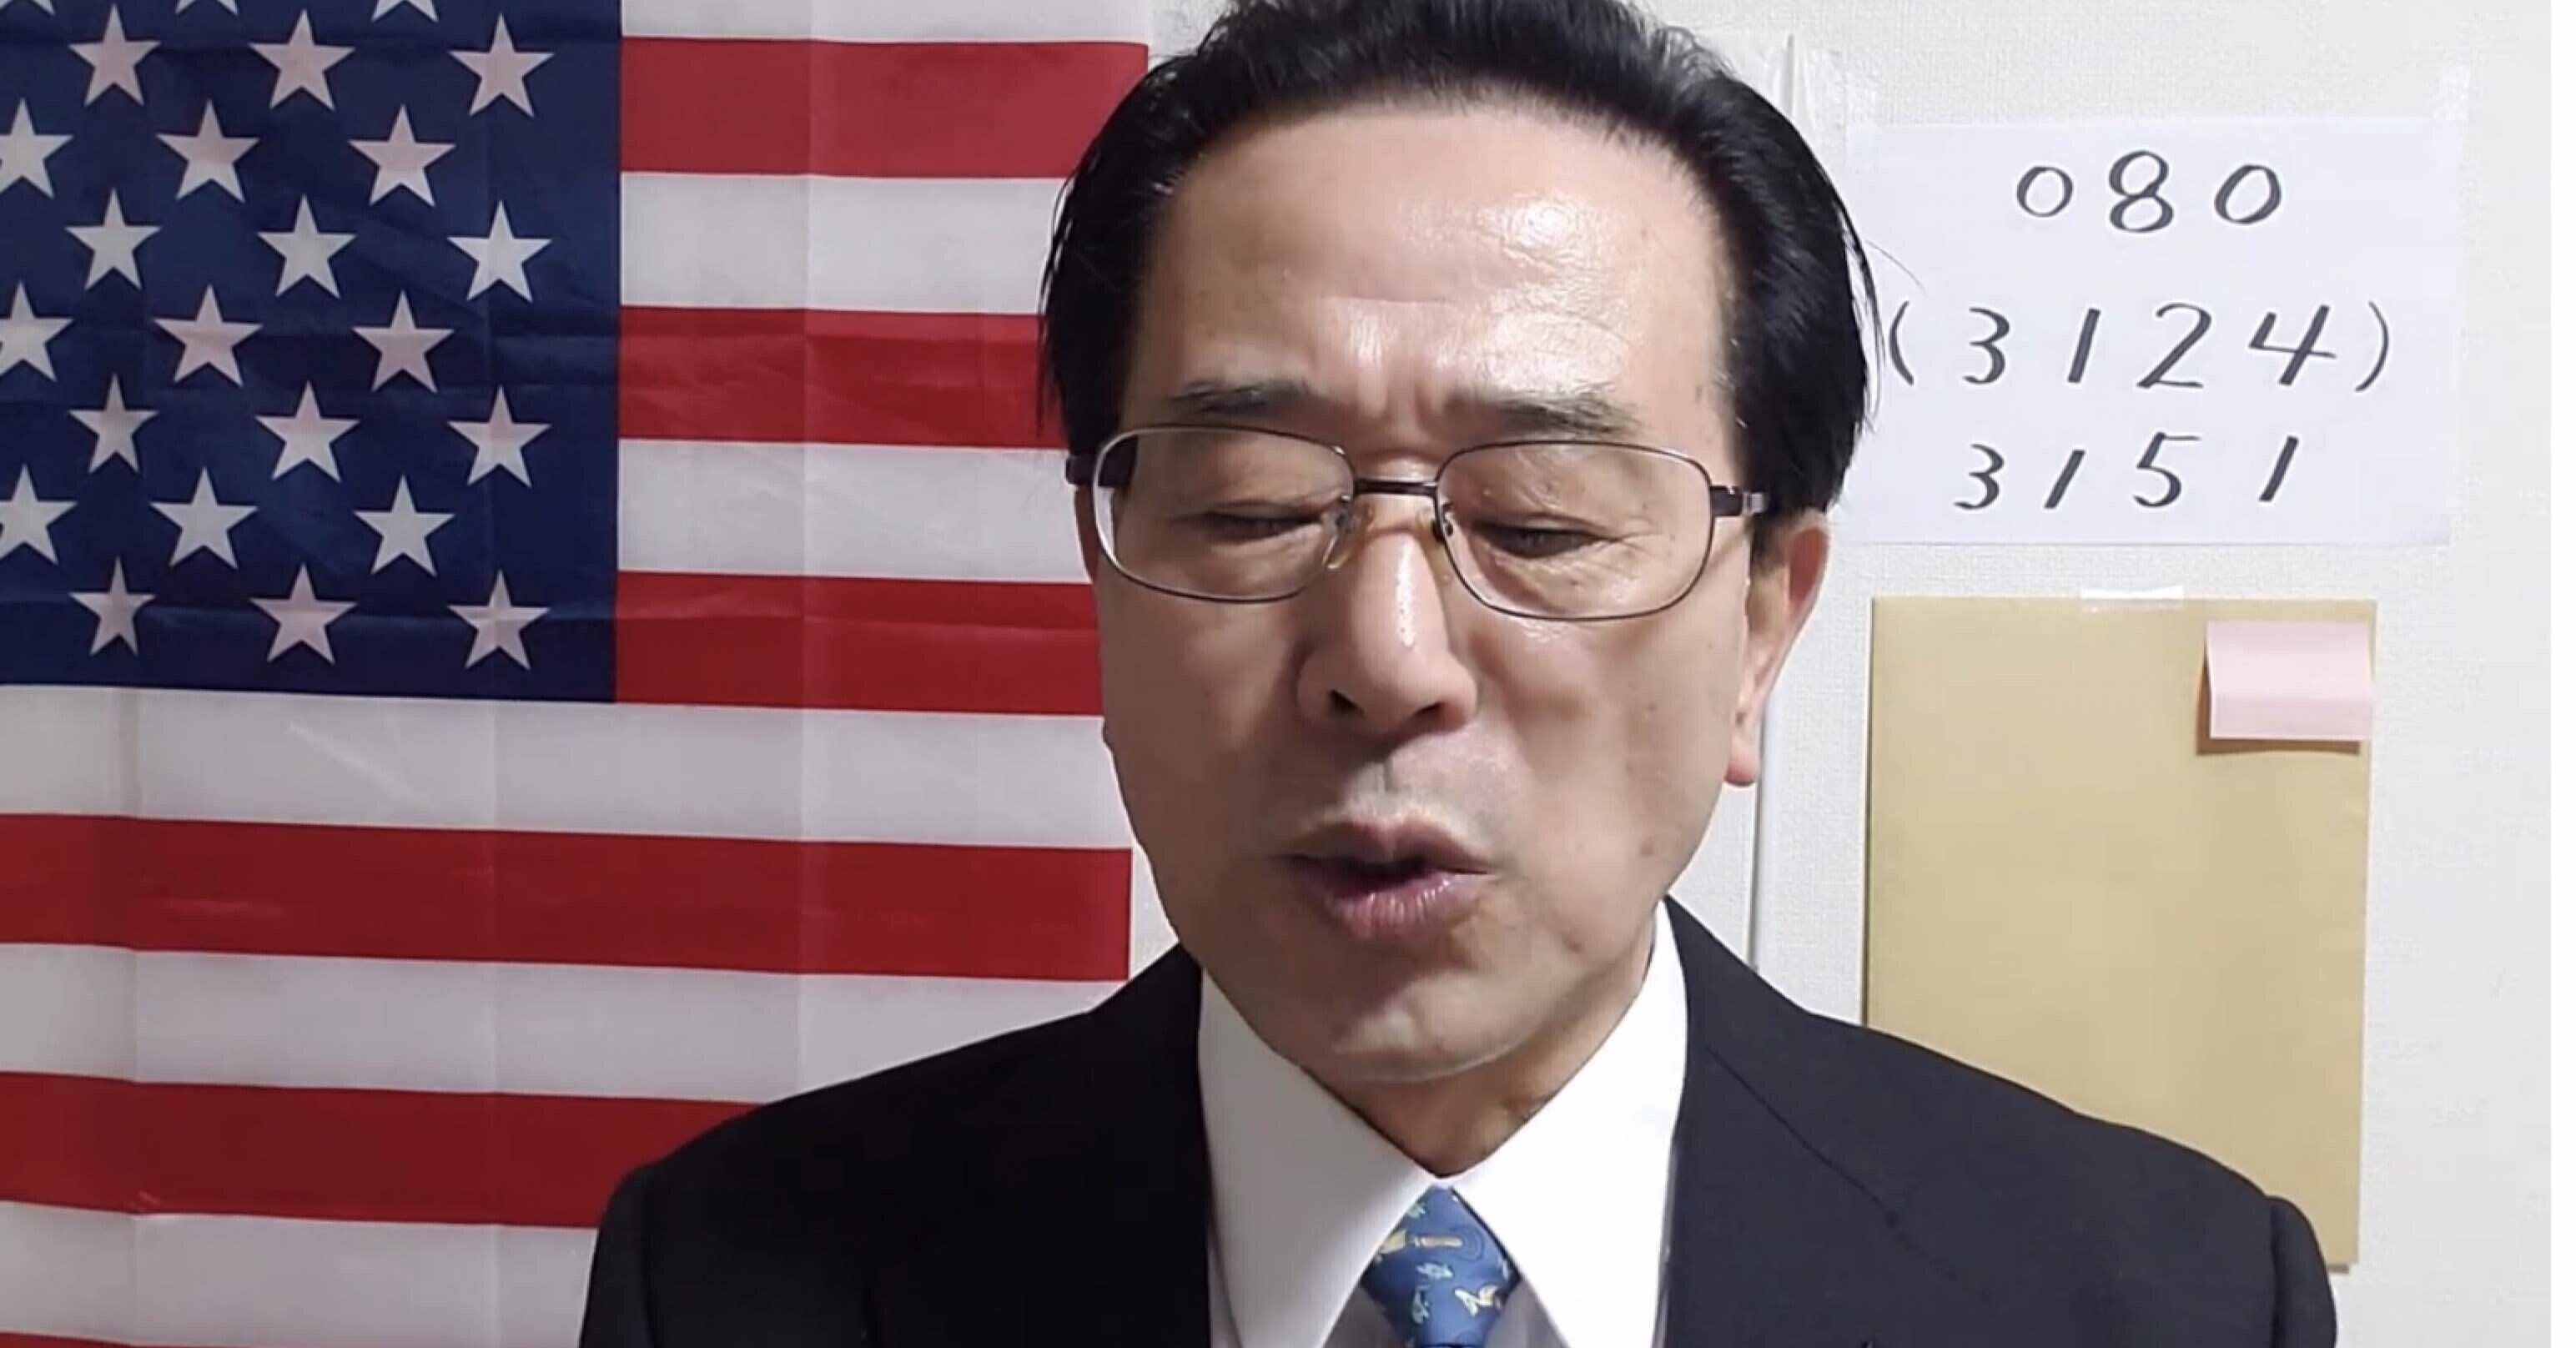 石川 新一郎 チャンネル 3つの機密解除 石川新一郎チャンネル